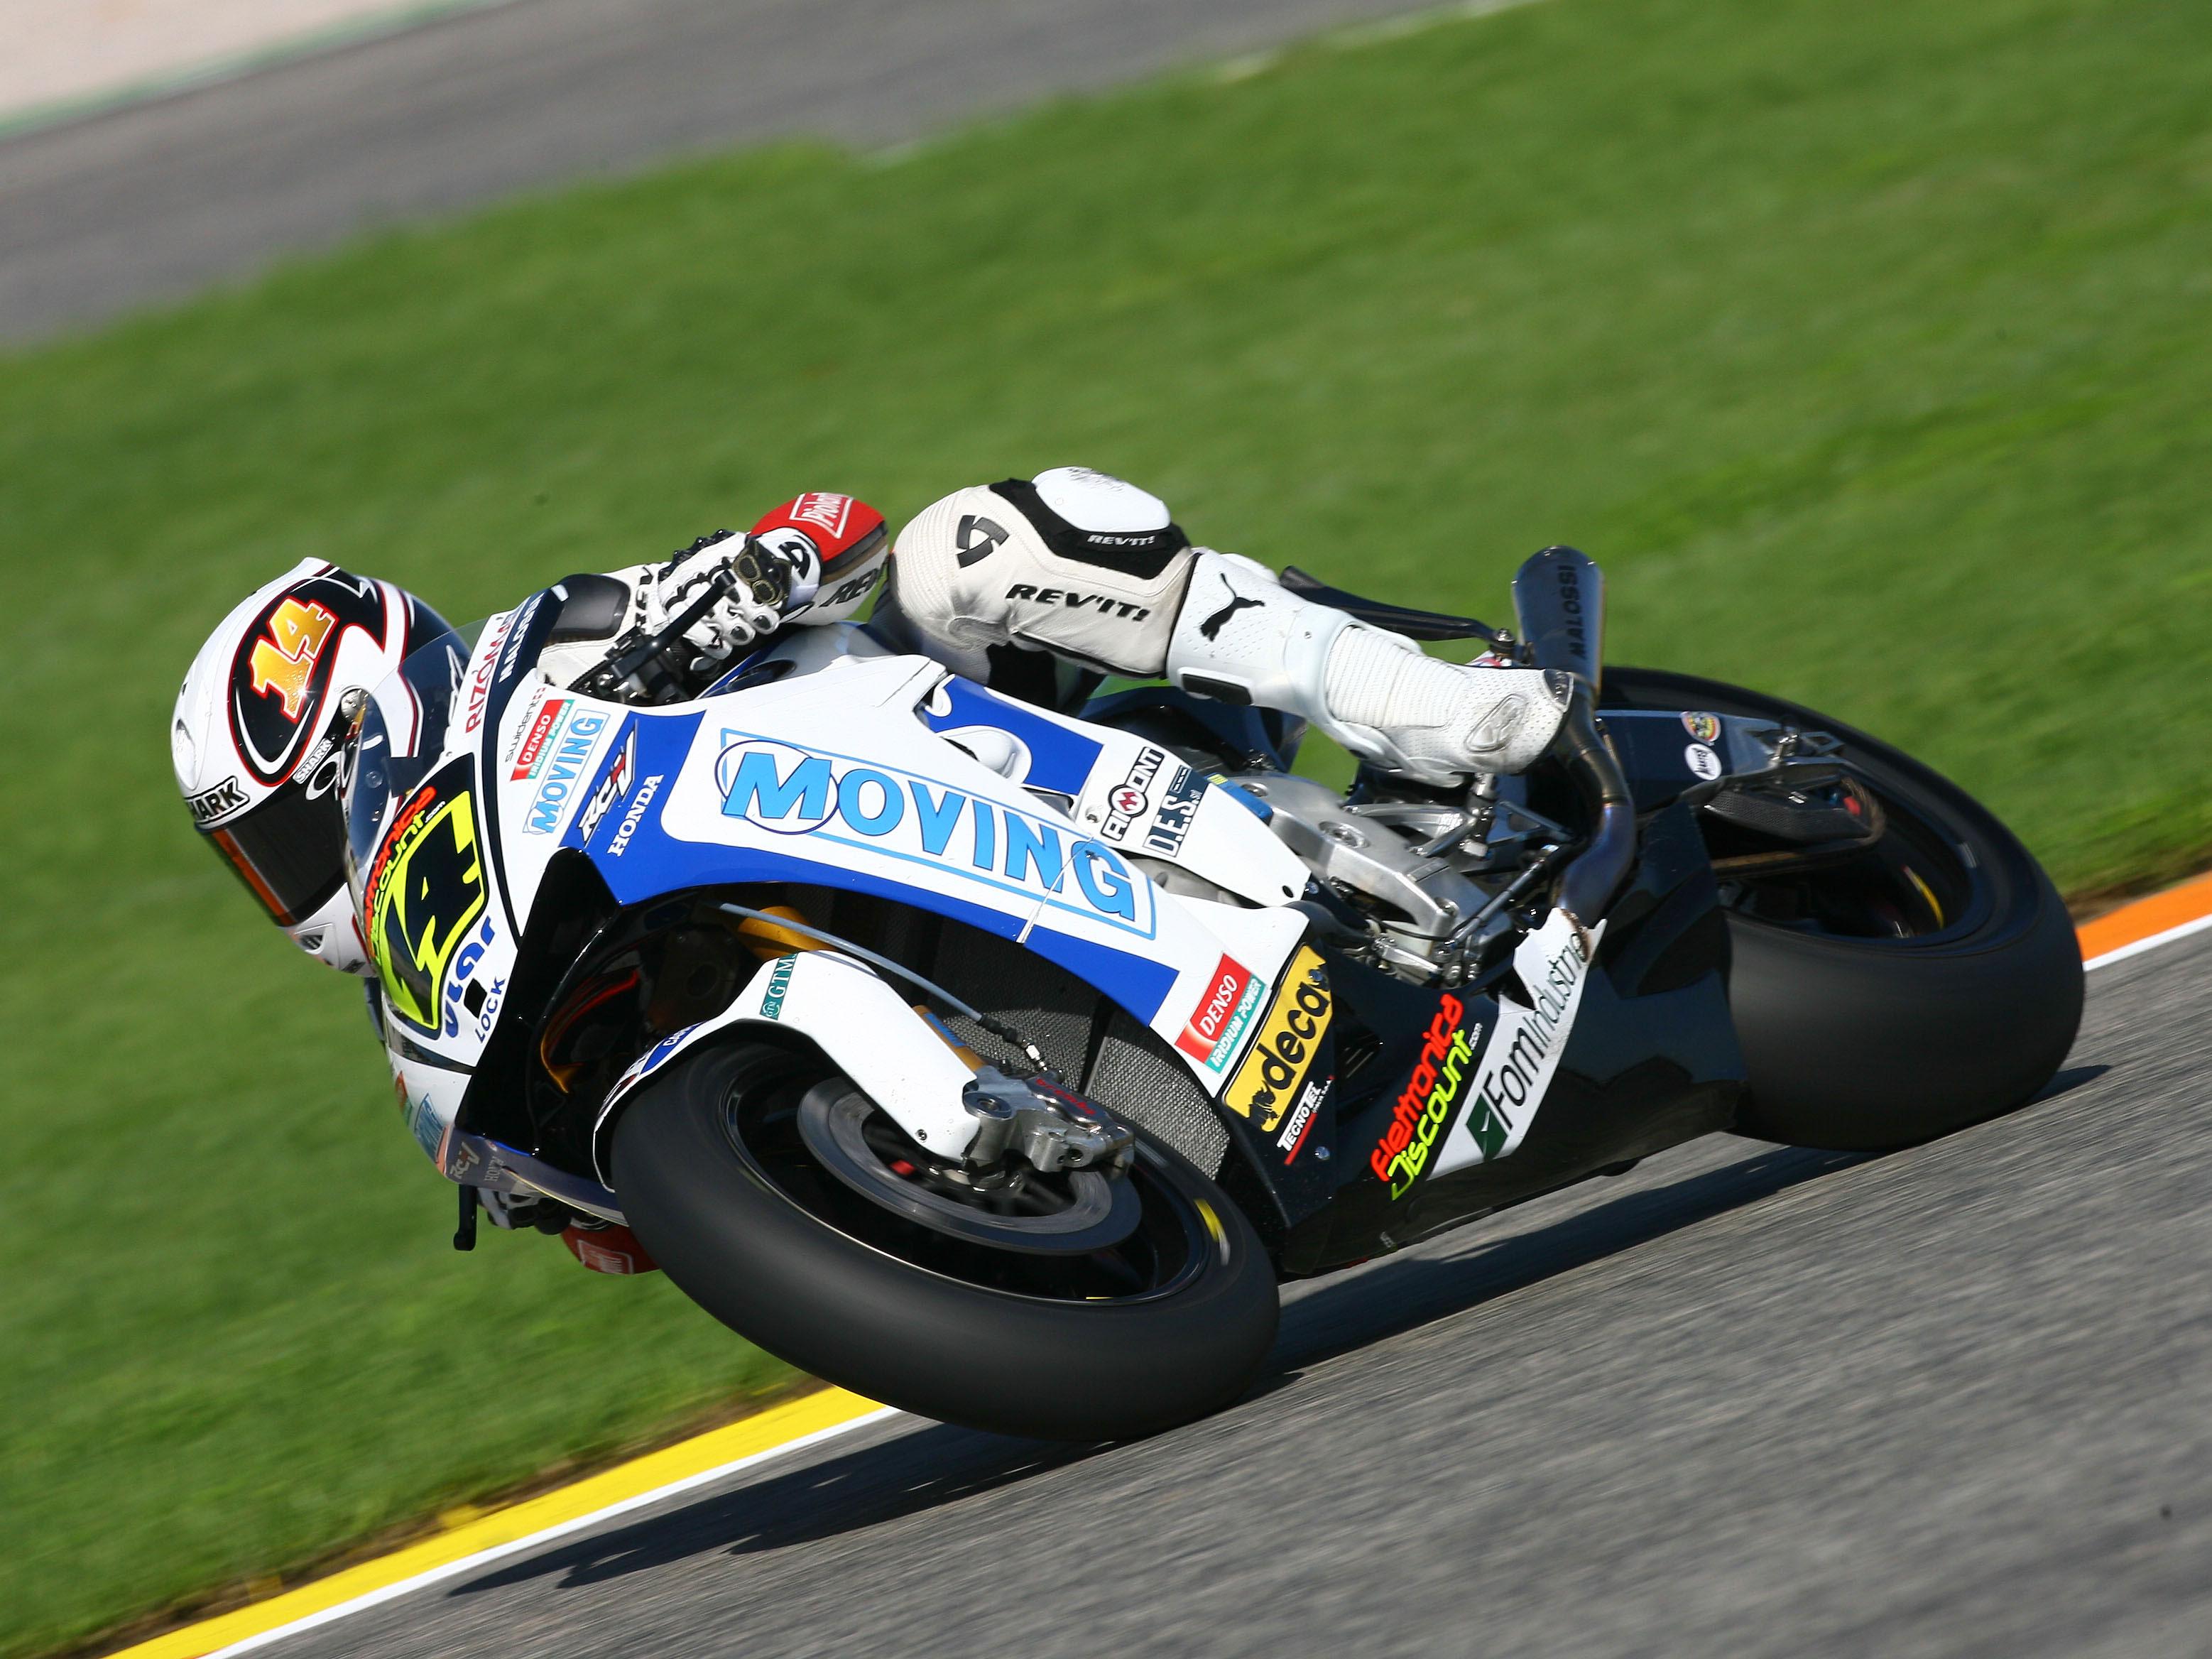 De Puniet (Honda) no estará en Jerez